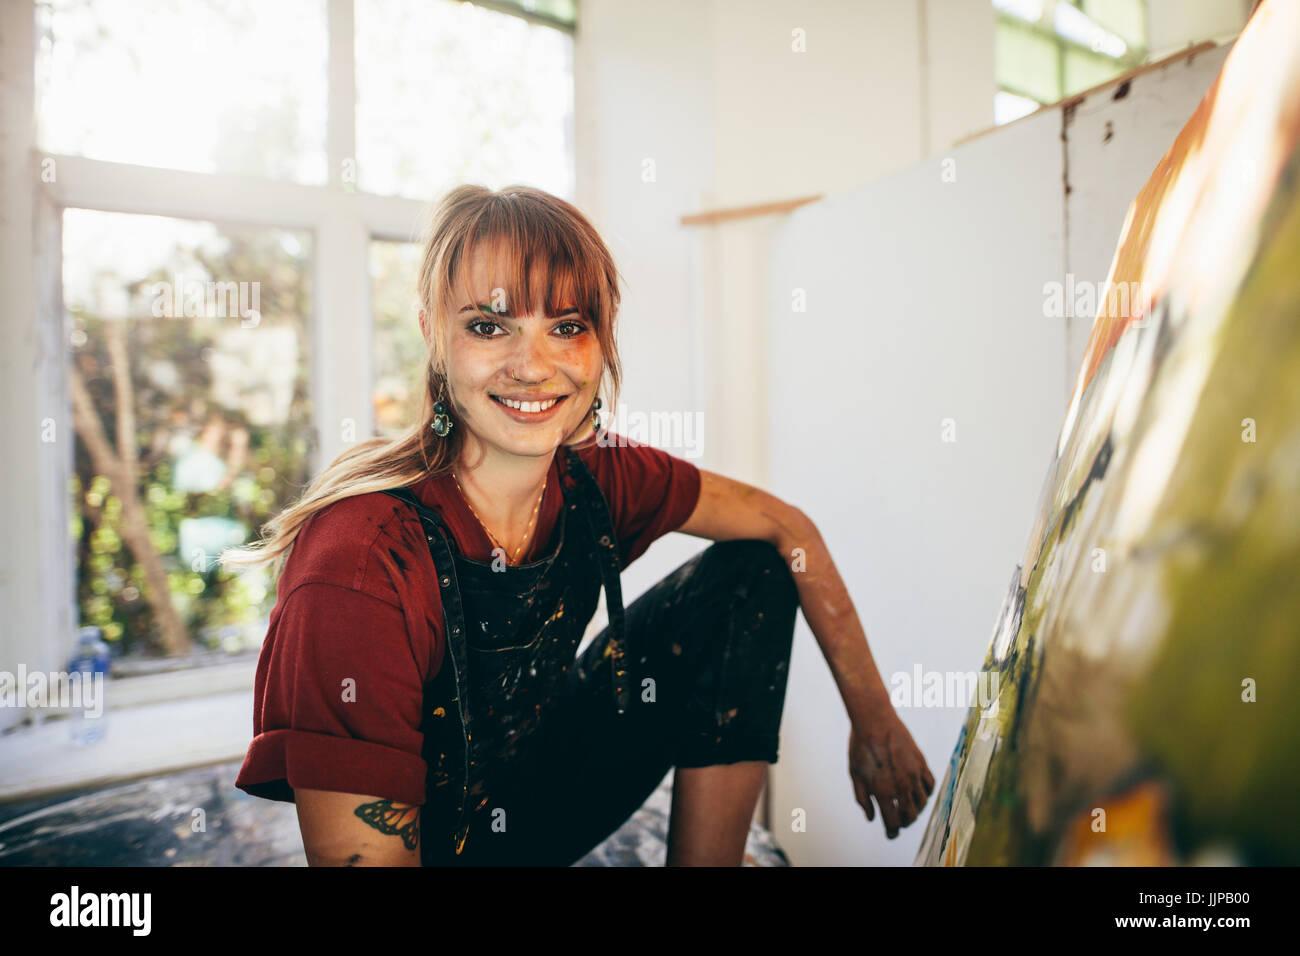 Piscina colpo di professional pittore femmina in studio. Donna artista facendo un dipinto su tela nella sua officina. Immagini Stock